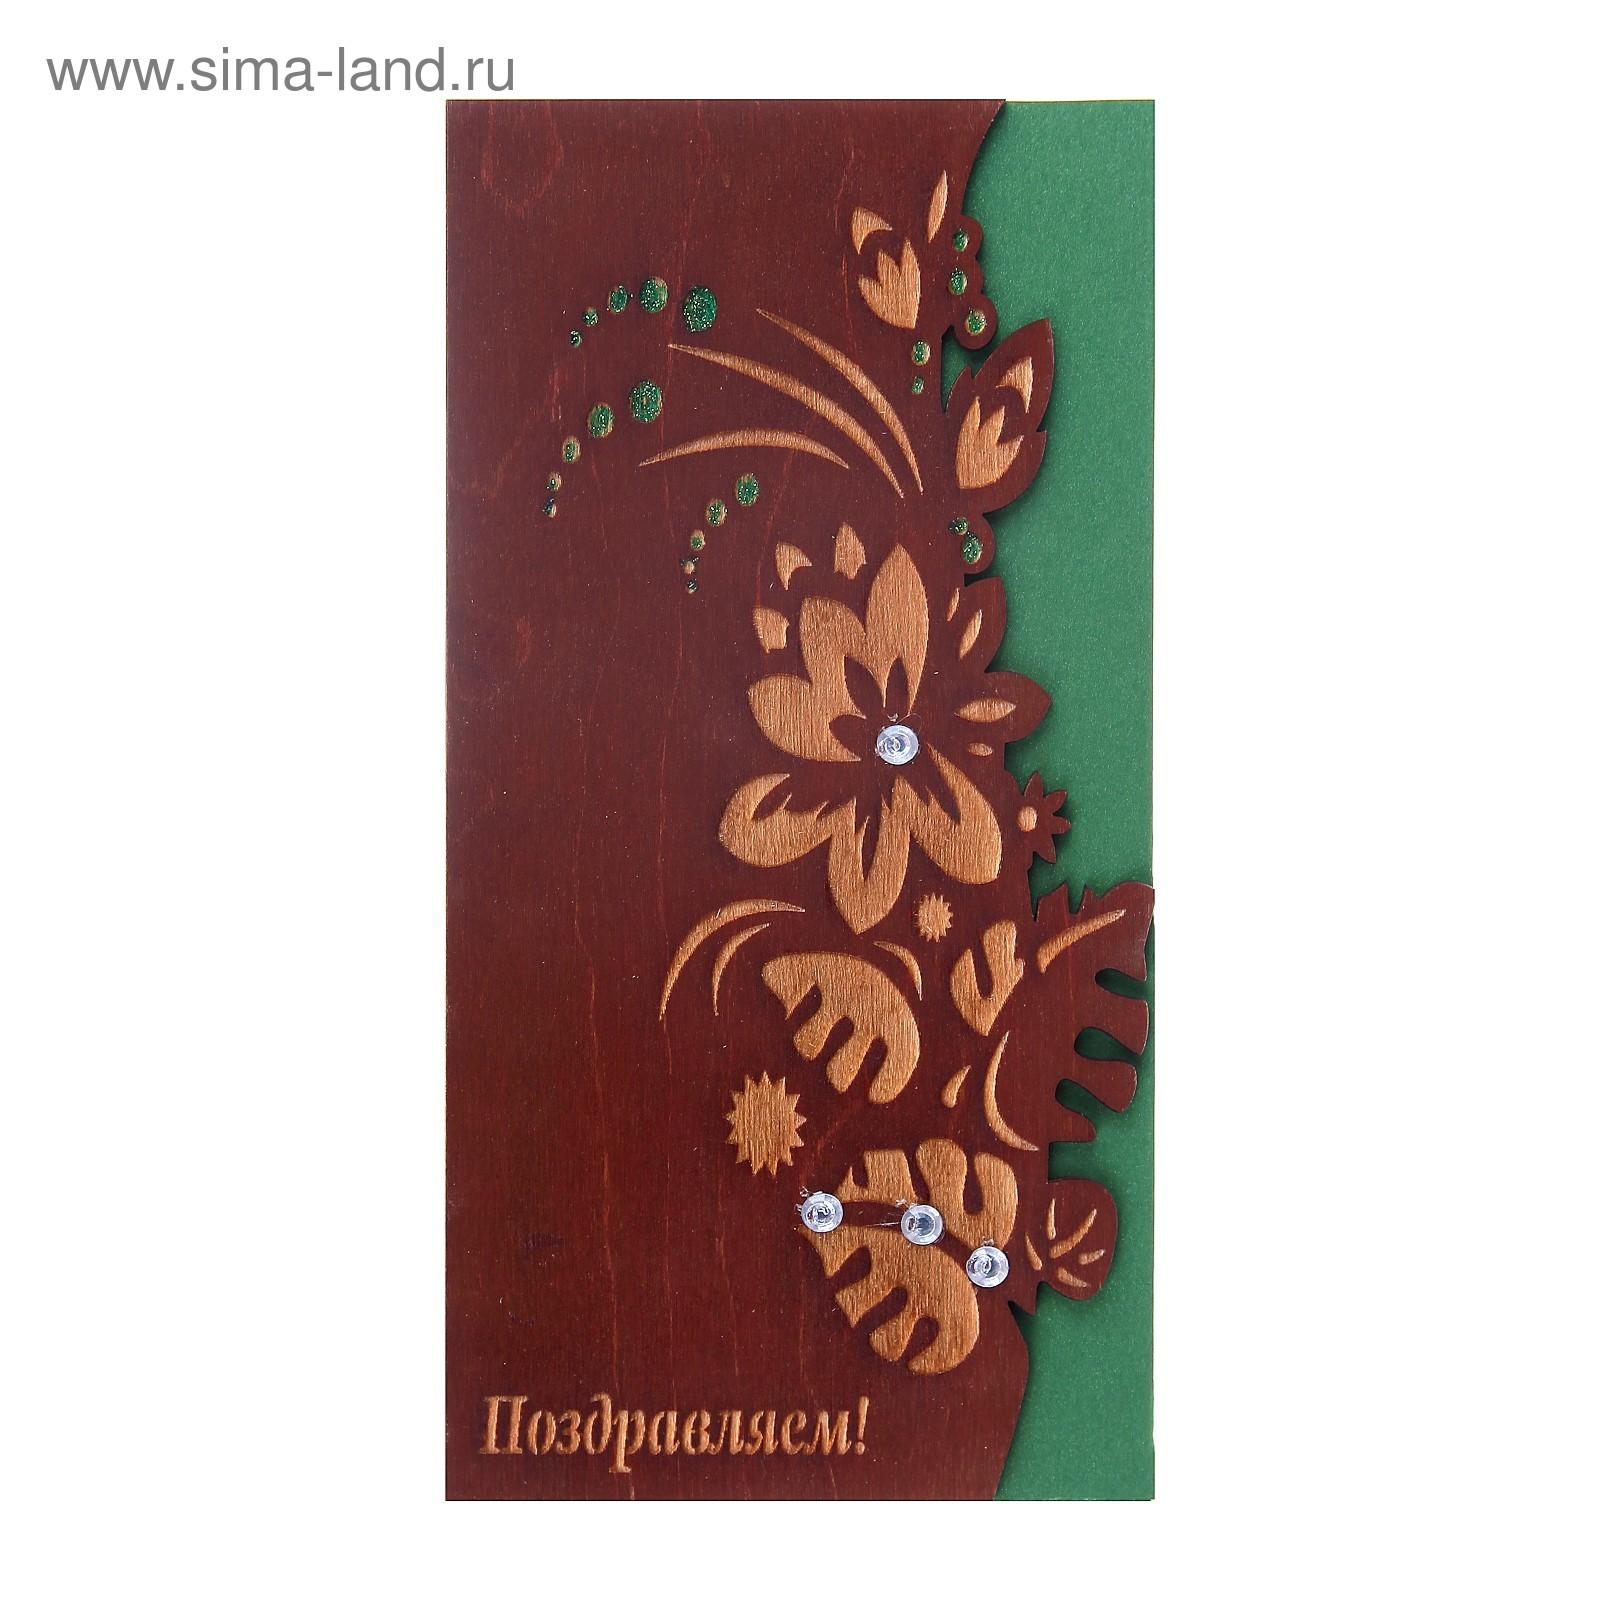 открытка деревянная резная поздравляем цветы 4059599